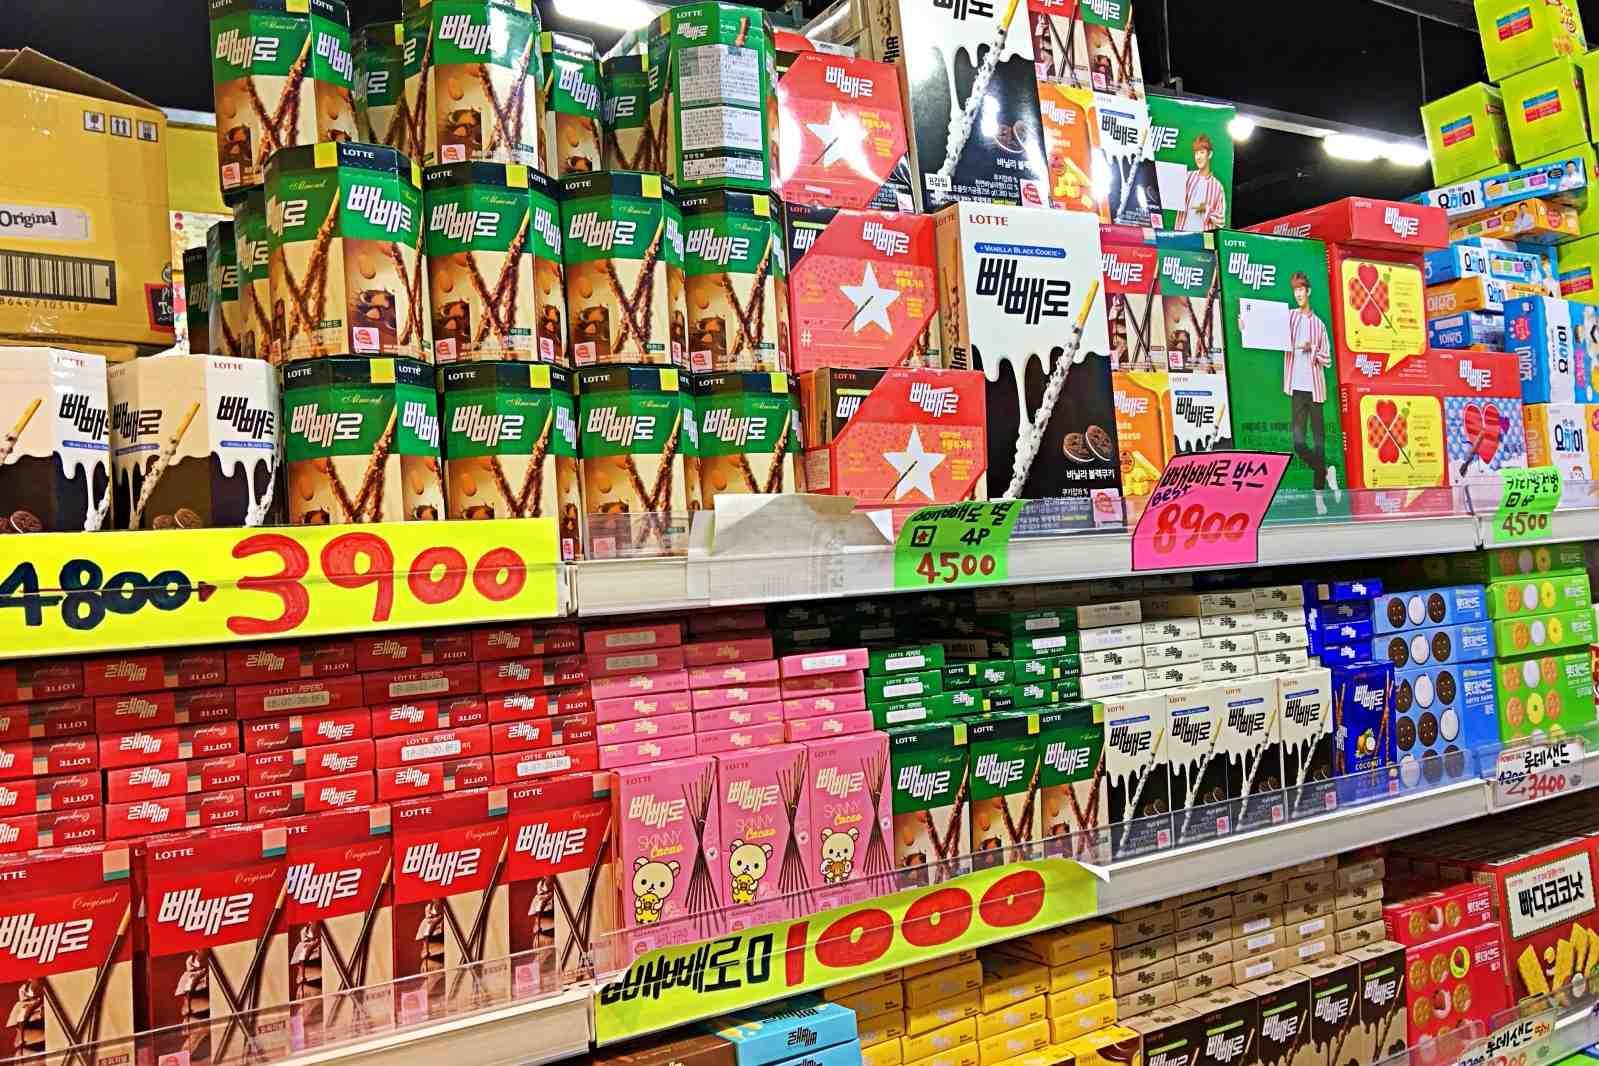 還有一整面牆的巧可力棒,就算不是有錢人也可以在這邊單包裝每個口味都買。